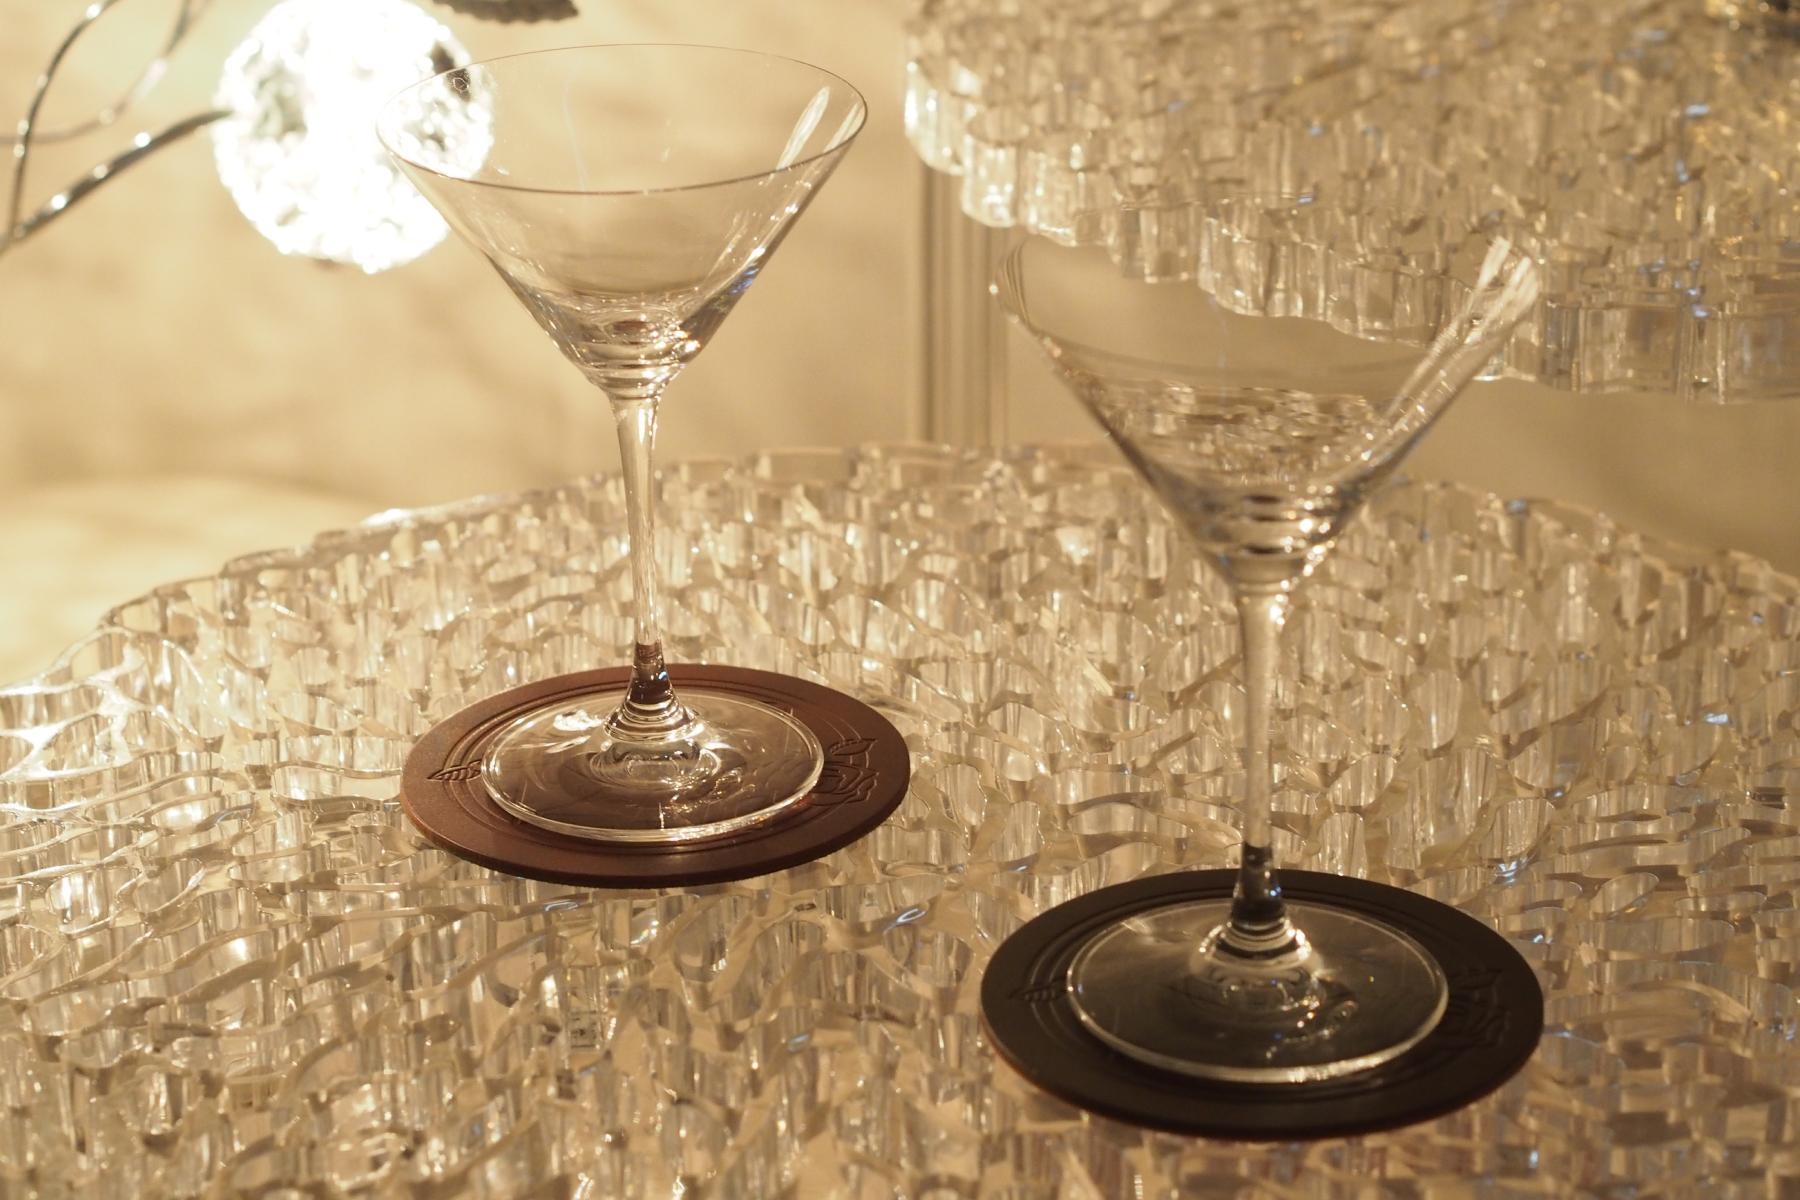 レザーコースター2枚セット・円形とカクテルグラス